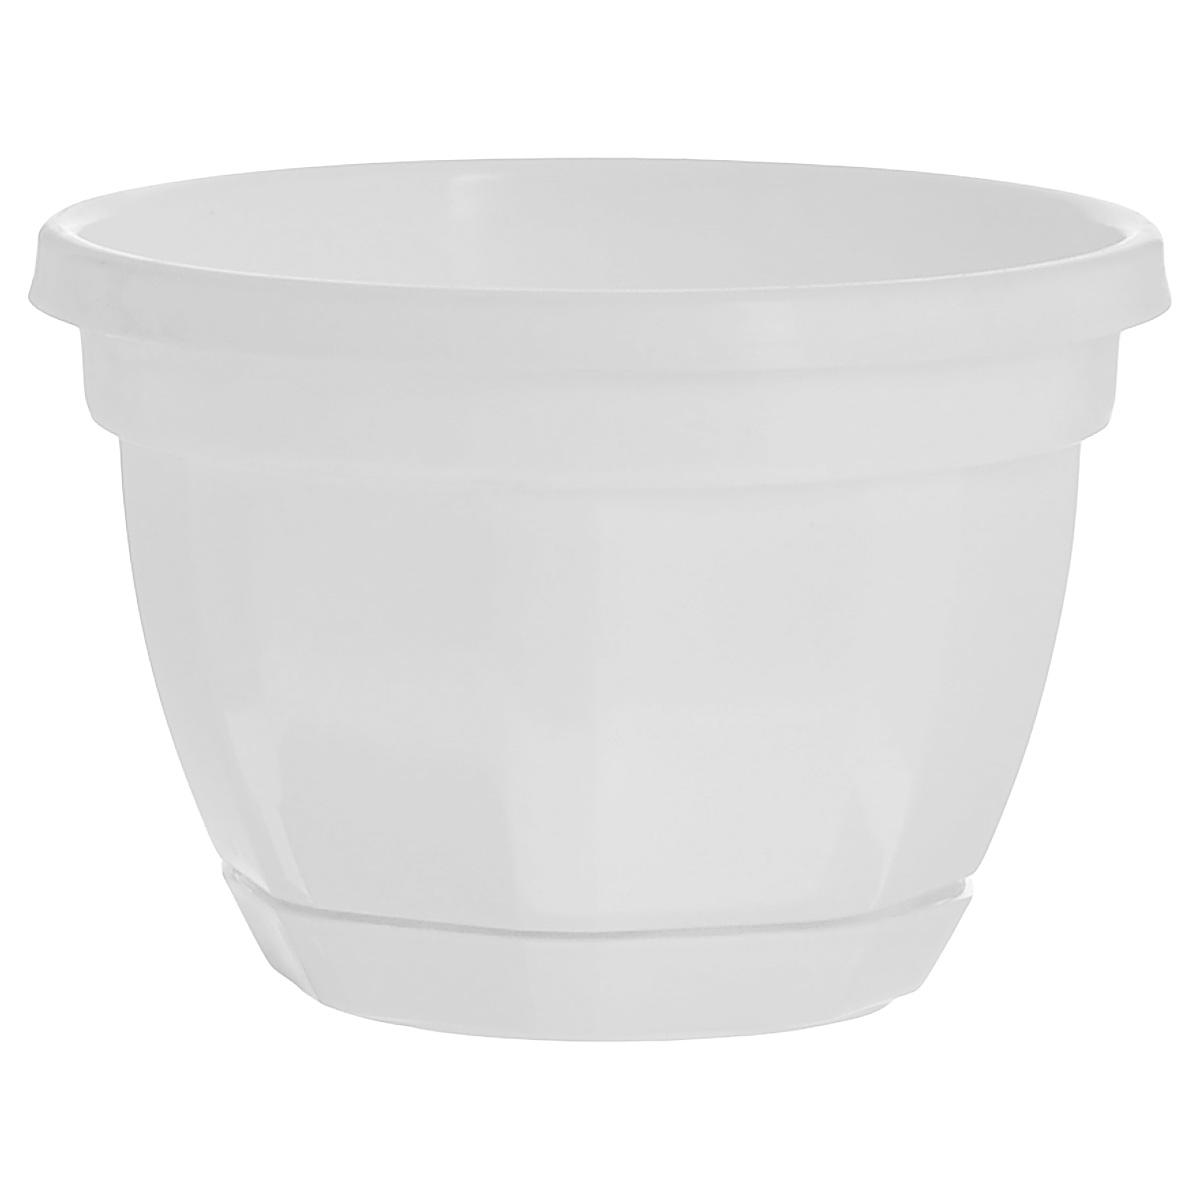 цена на Кашпо Инстар Ника, с поддоном, цвет: белый, диаметр 17 см